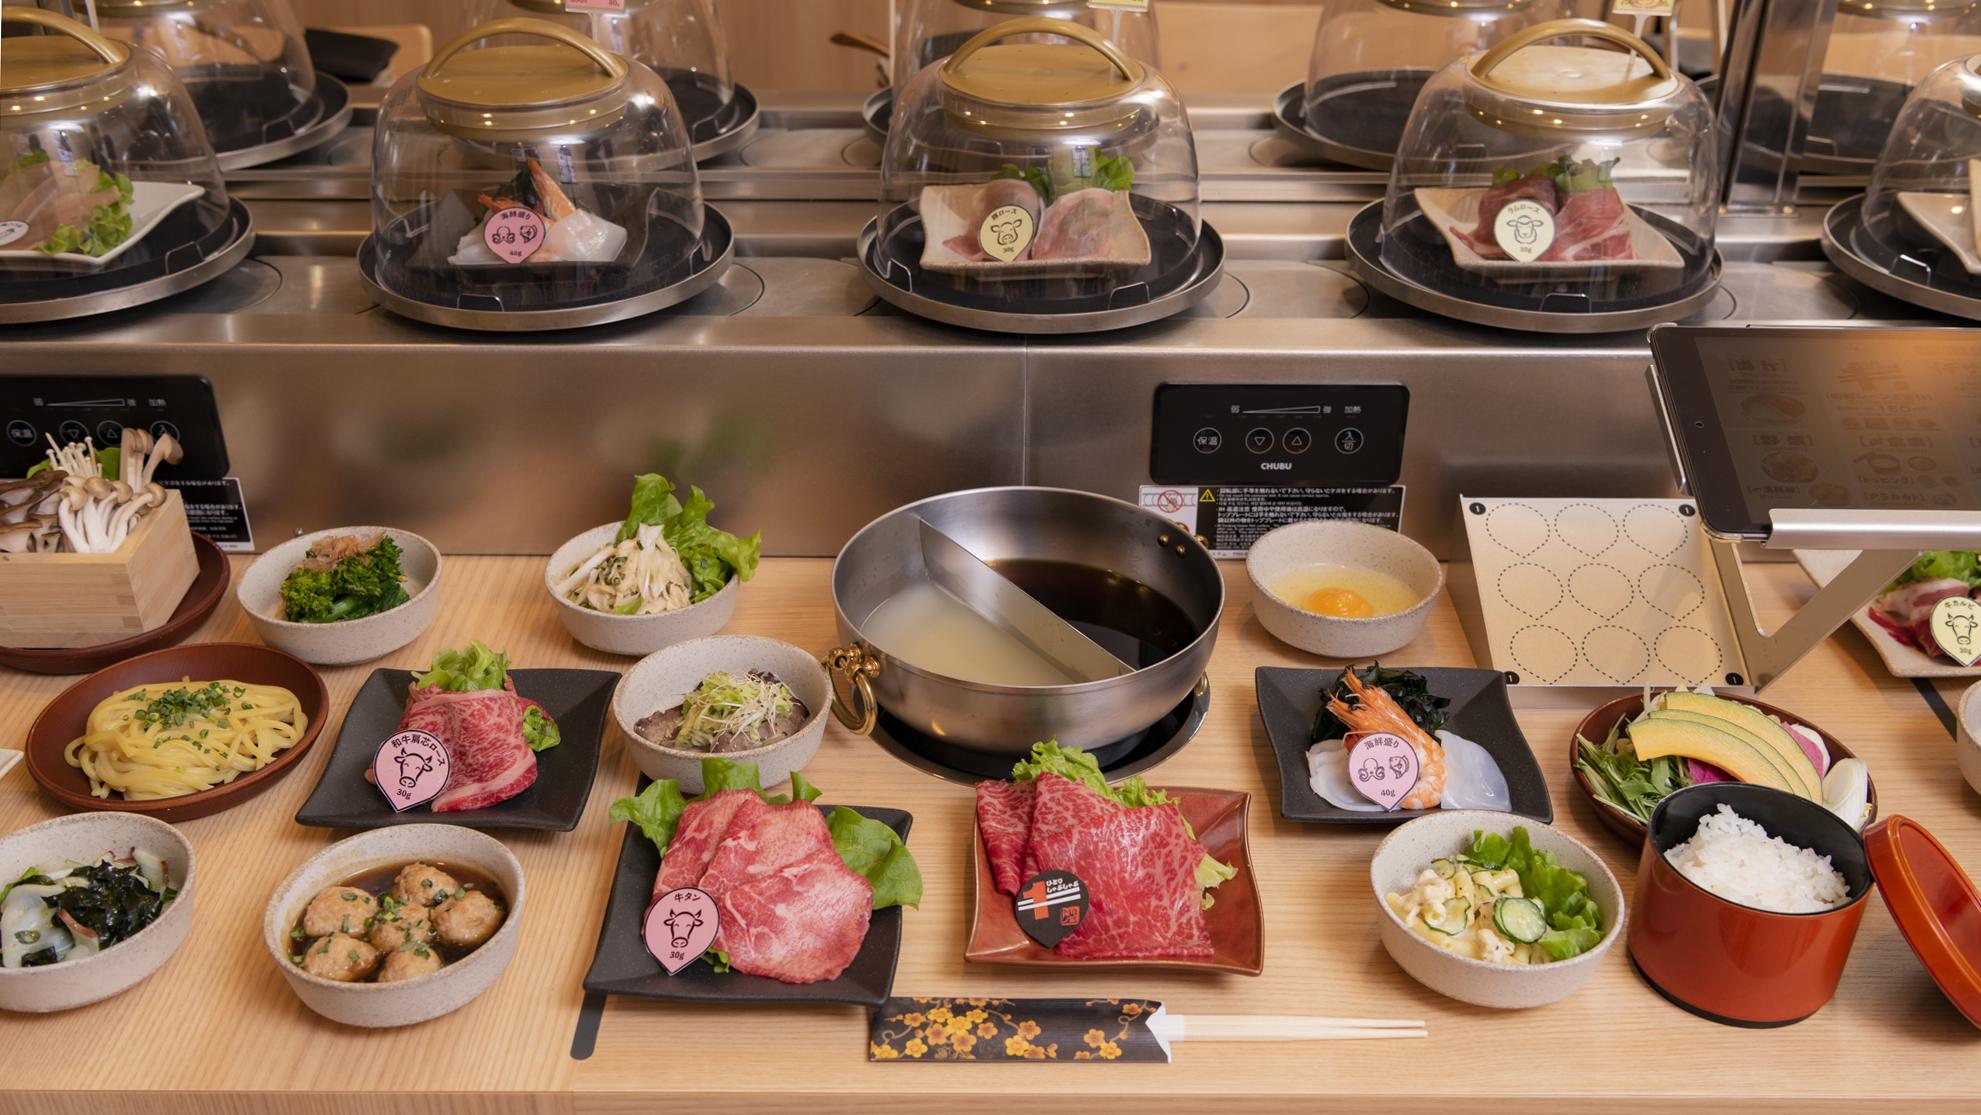 Conveyor belt hot pot restaurant